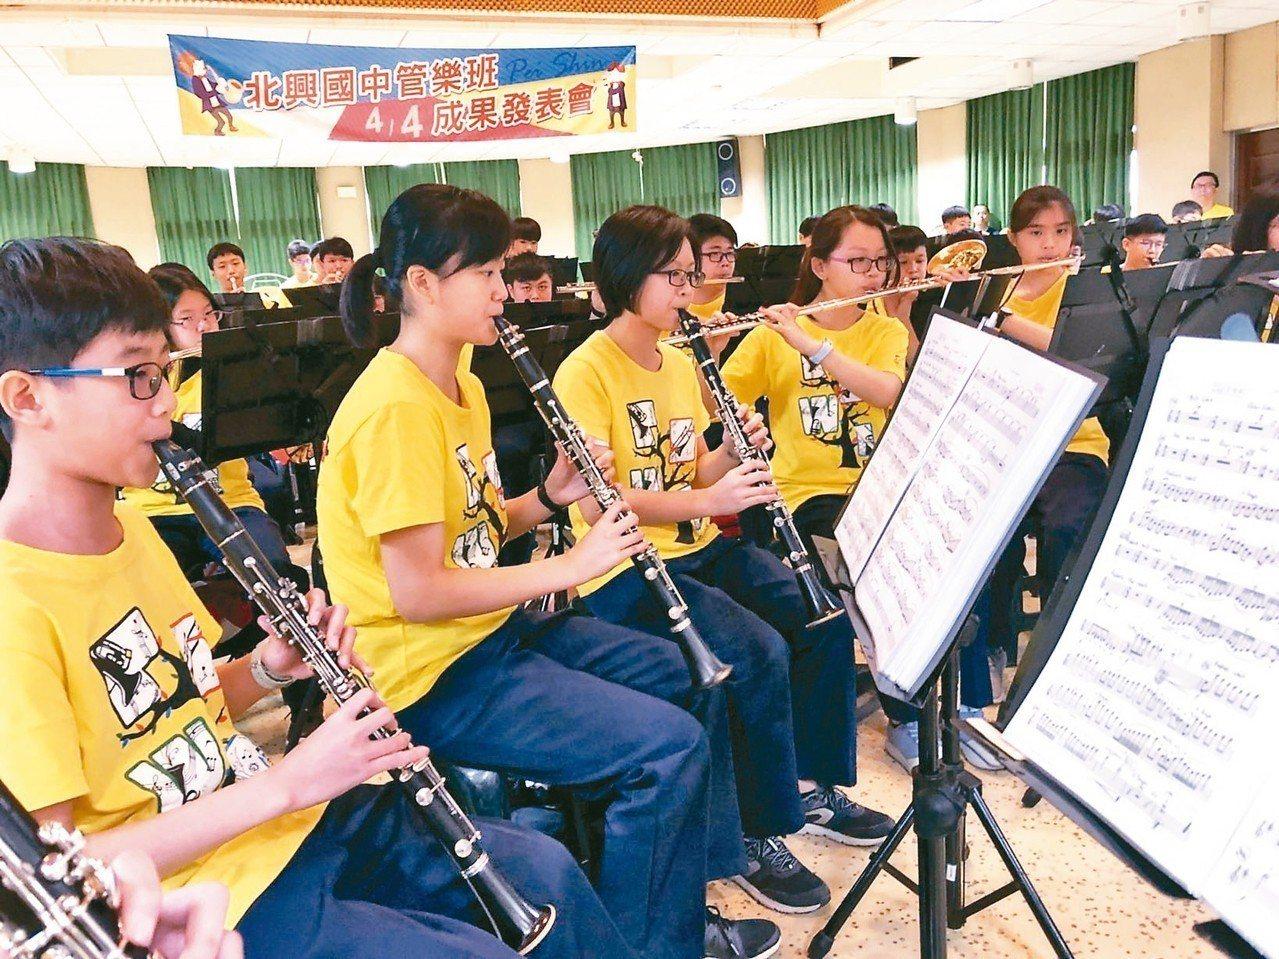 嘉義市北興國中管樂班日前代表嘉義市參加全國學生音樂比賽南區決賽,獲特優第一名佳績...